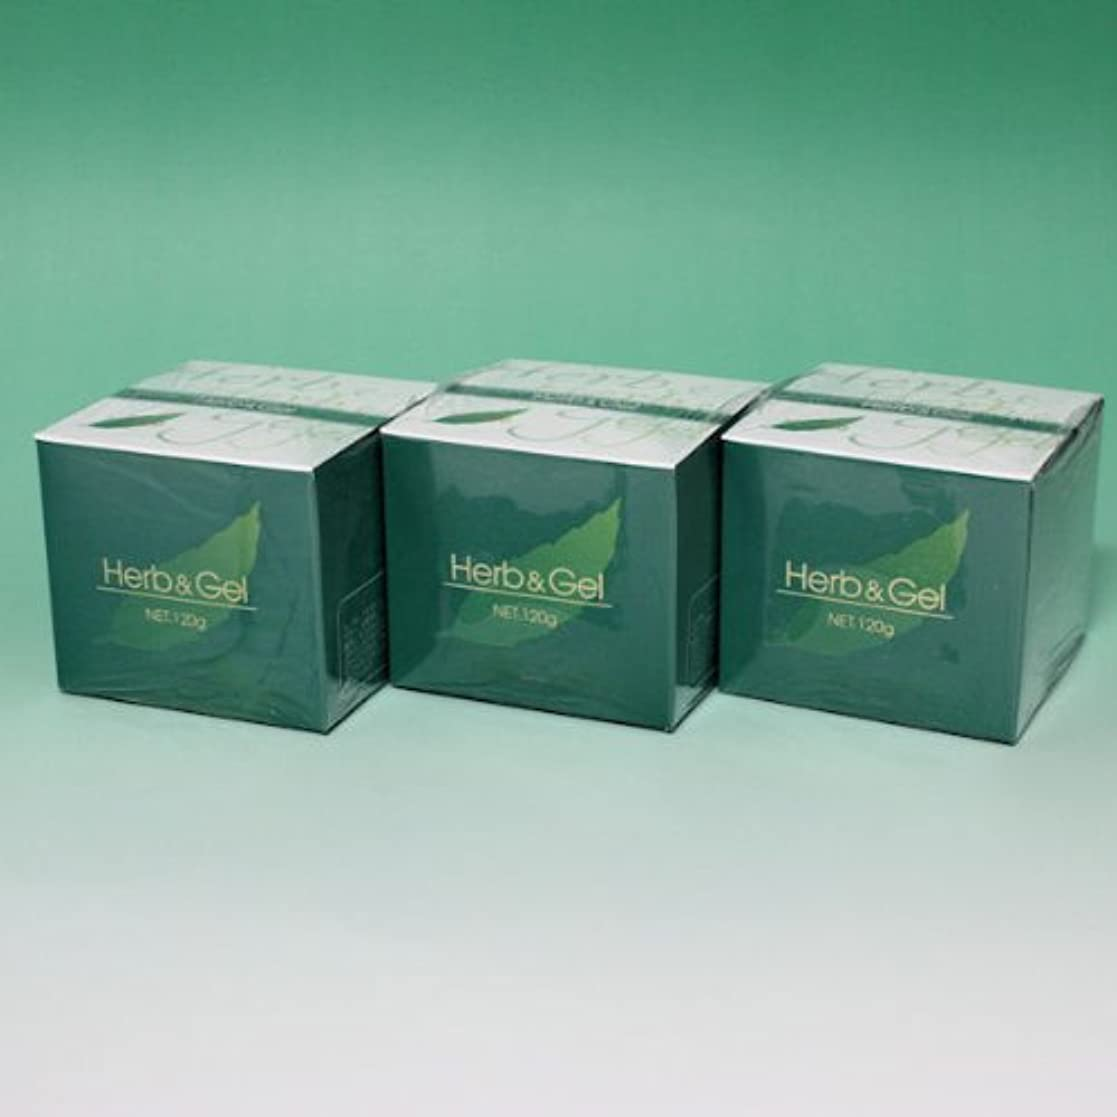 明示的に廃止するずっとハーブアンドゲル 天然ハーブエキス配合 120g×3瓶セット (4580109490026)